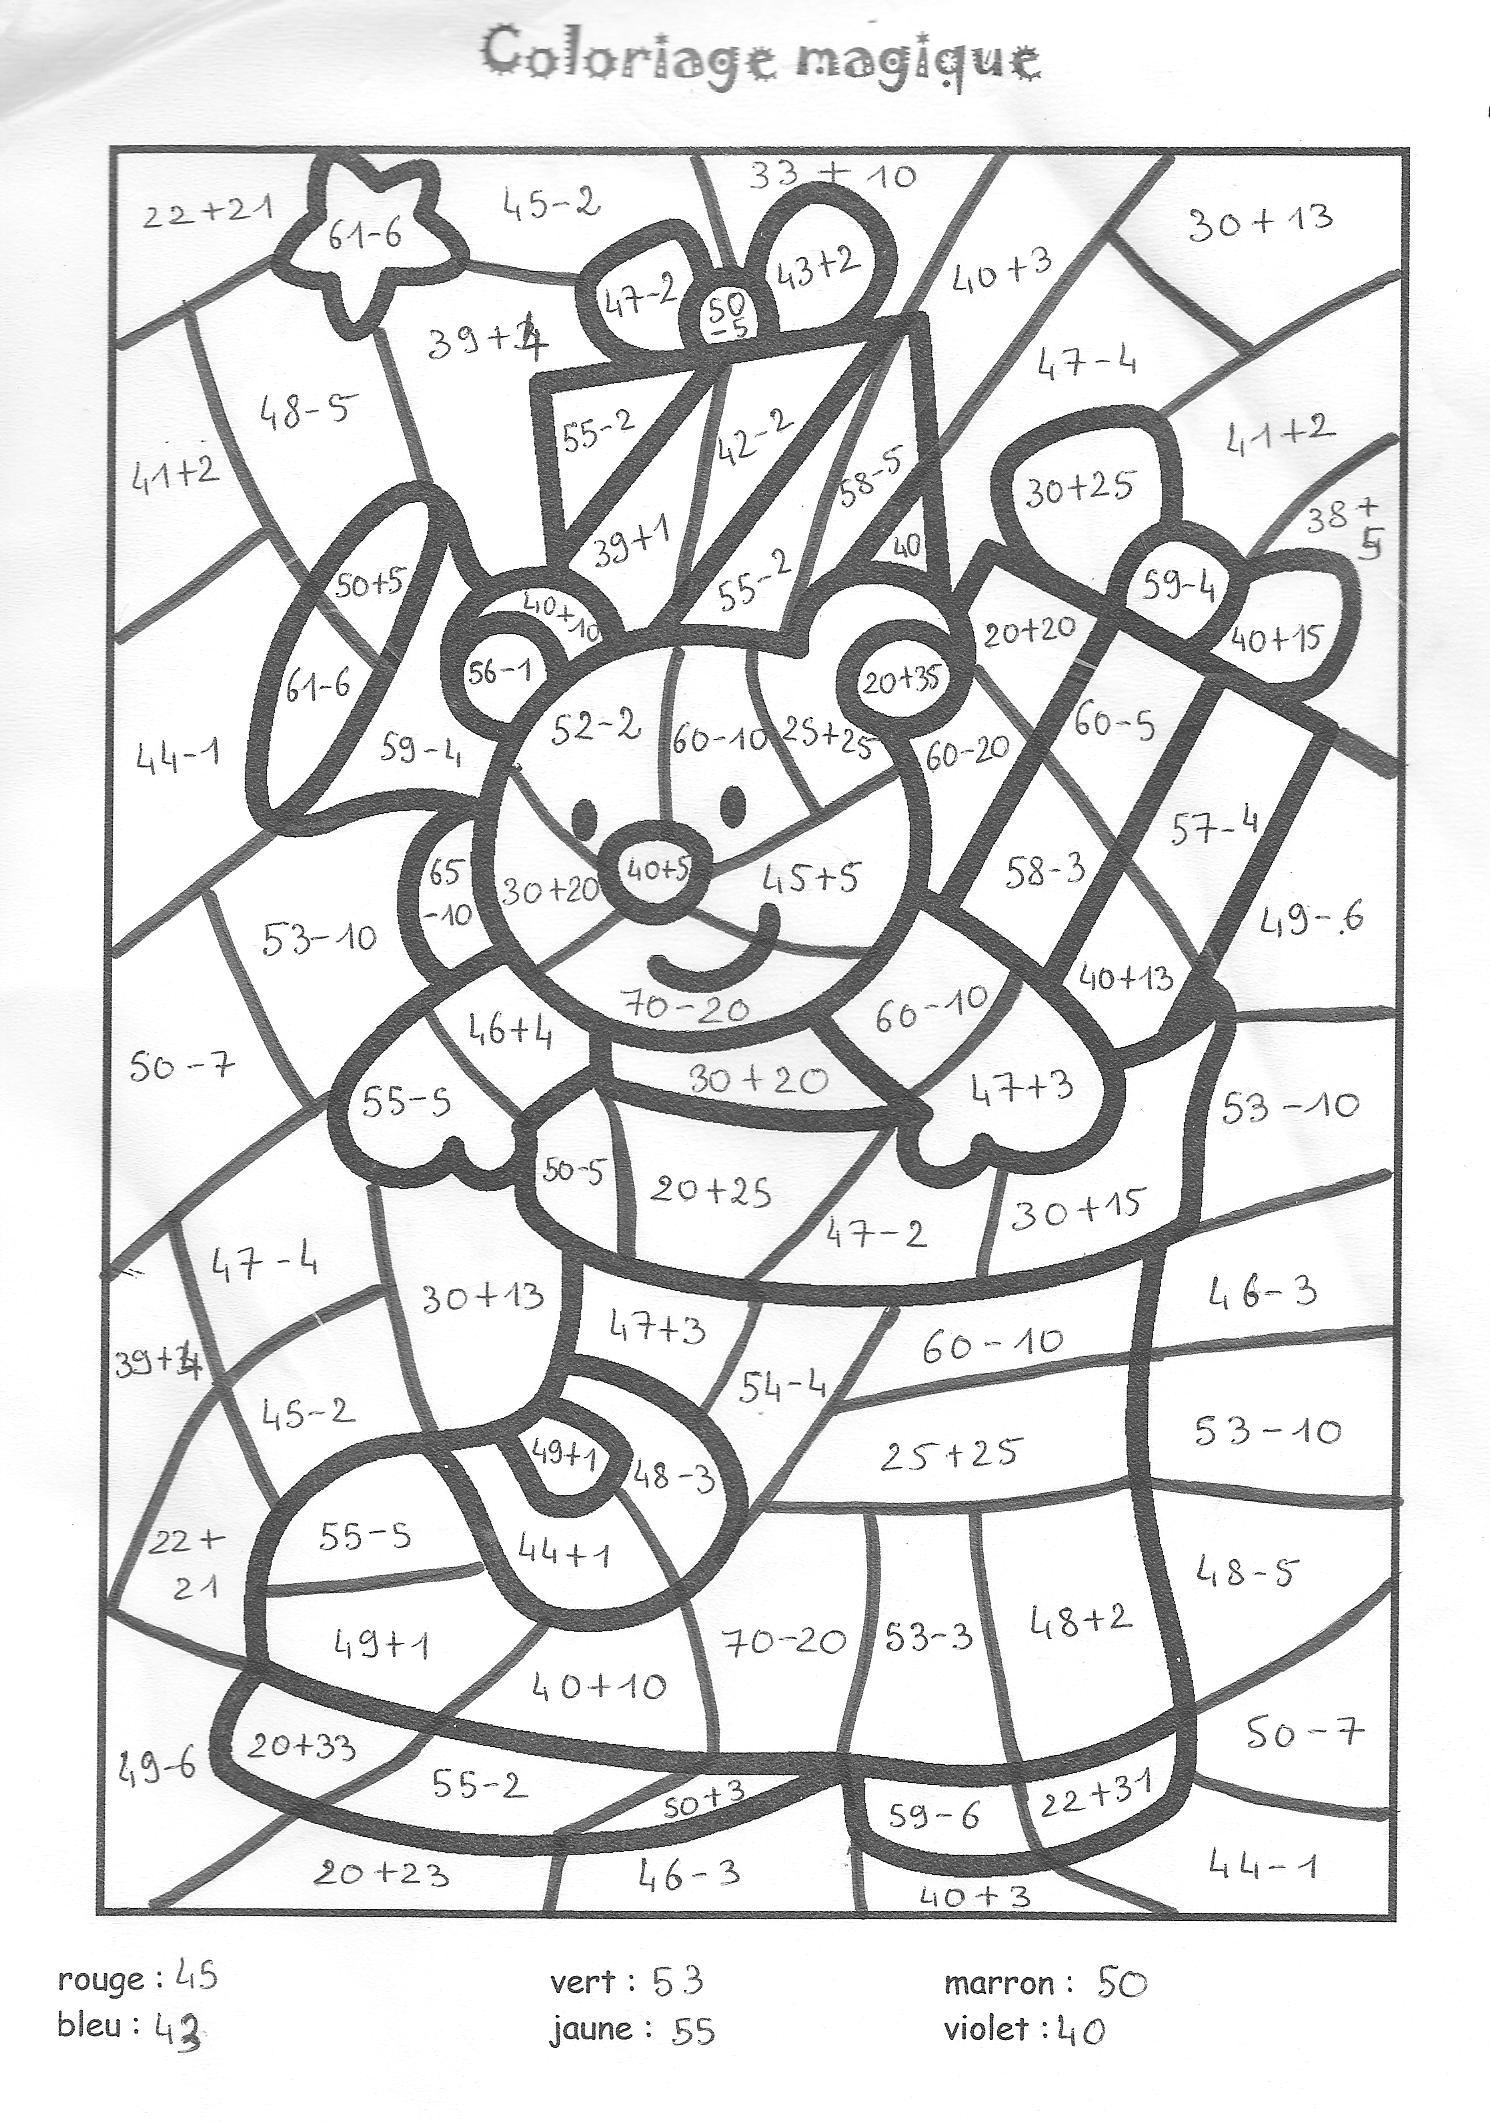 Coloriage204: Coloriage Magique De Noel À Imprimer intérieur Jeux Educatif 4 Ans A Imprimer